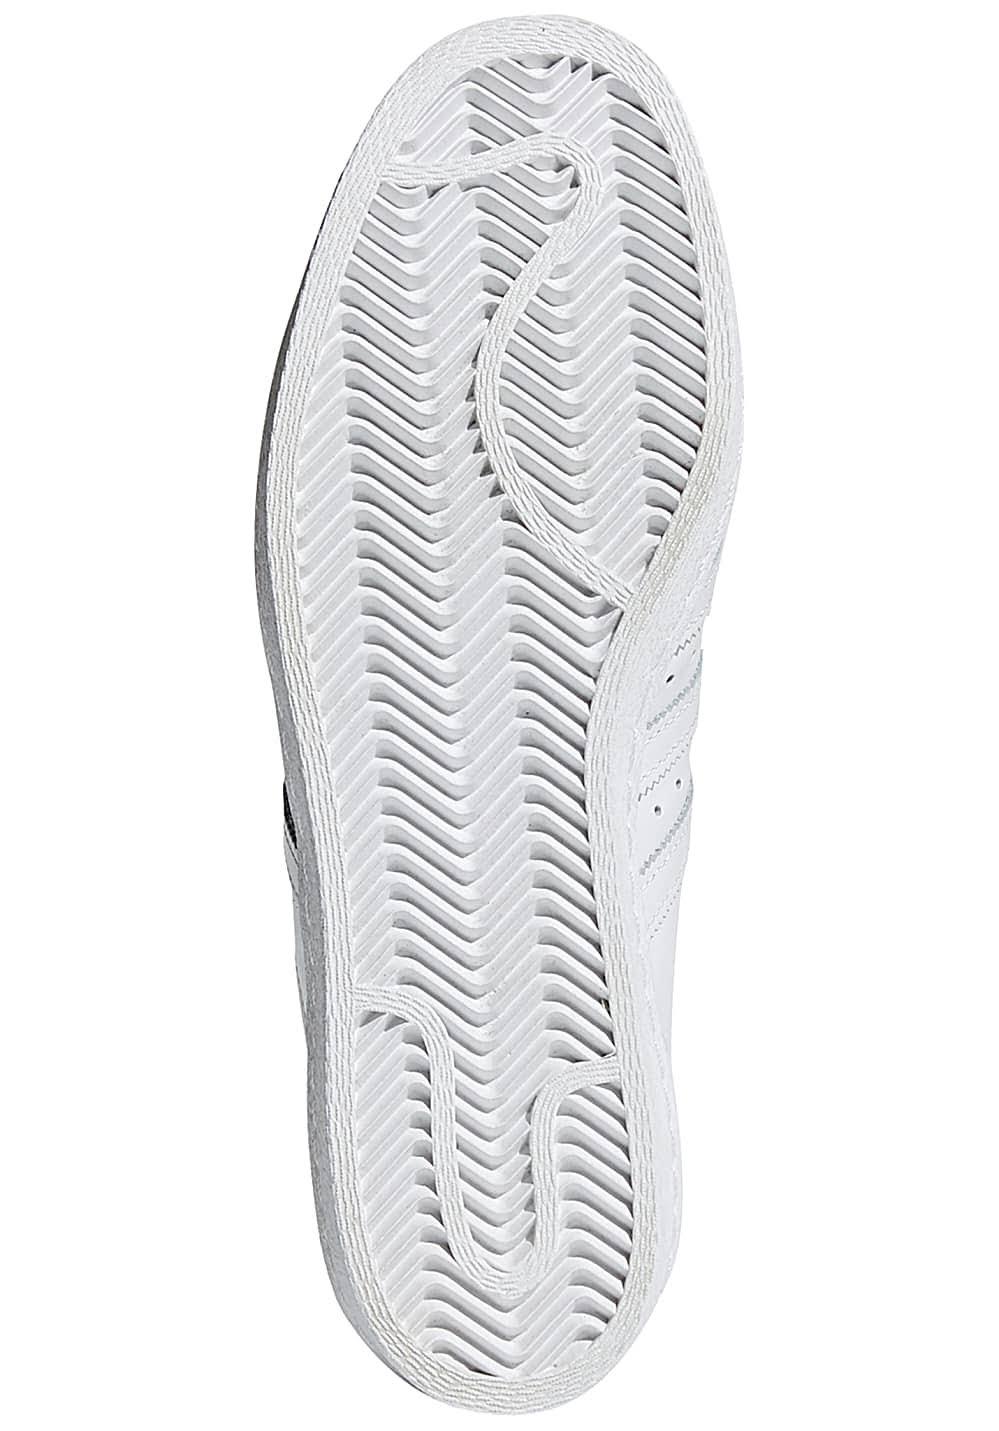 Elfenbein footwear 80s White S79443 Black White core Superstar Adidas Schuhe footwear nqC44I